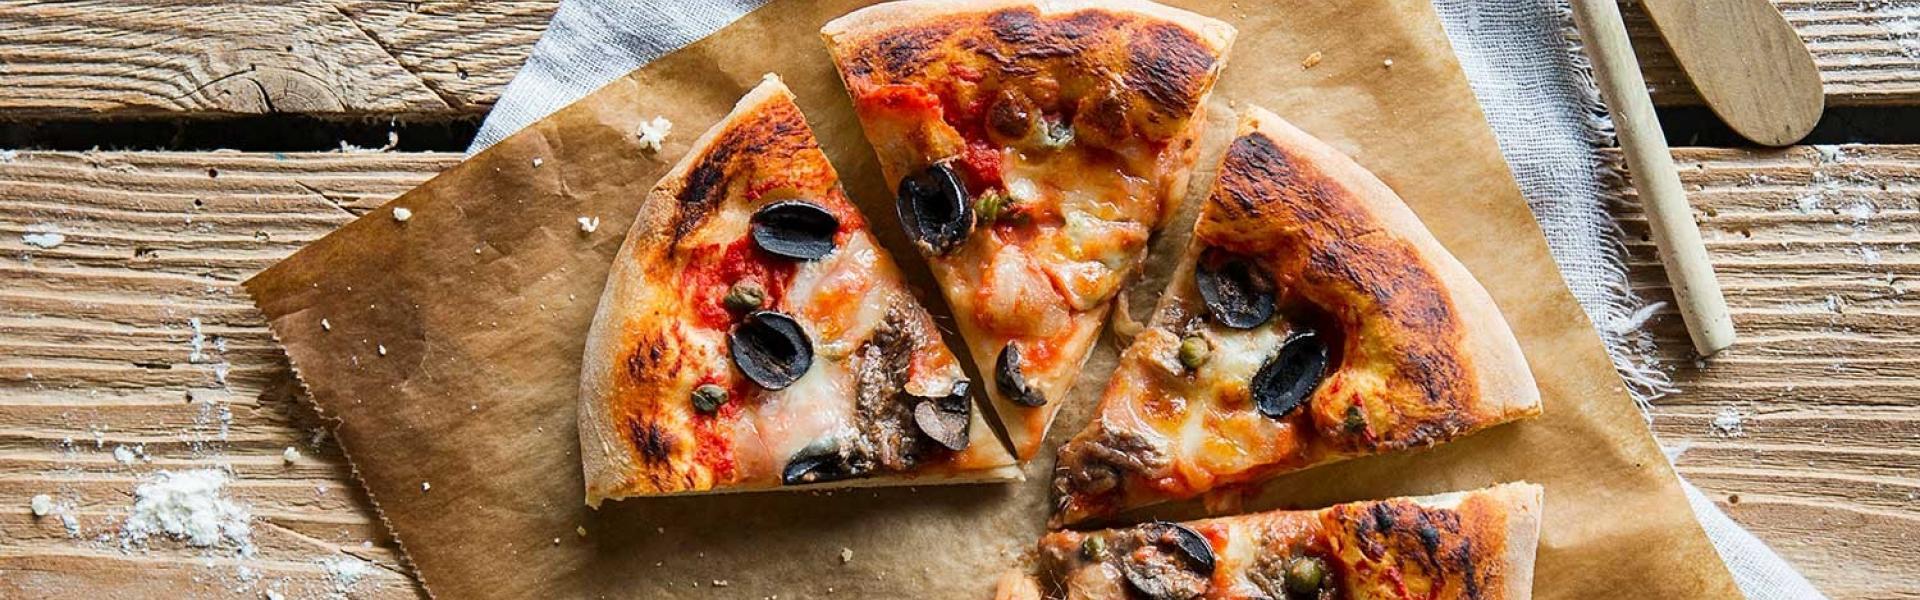 Angeschnittene Pizza Napoli auf einem Stück Backpapier, daneben Kapern.